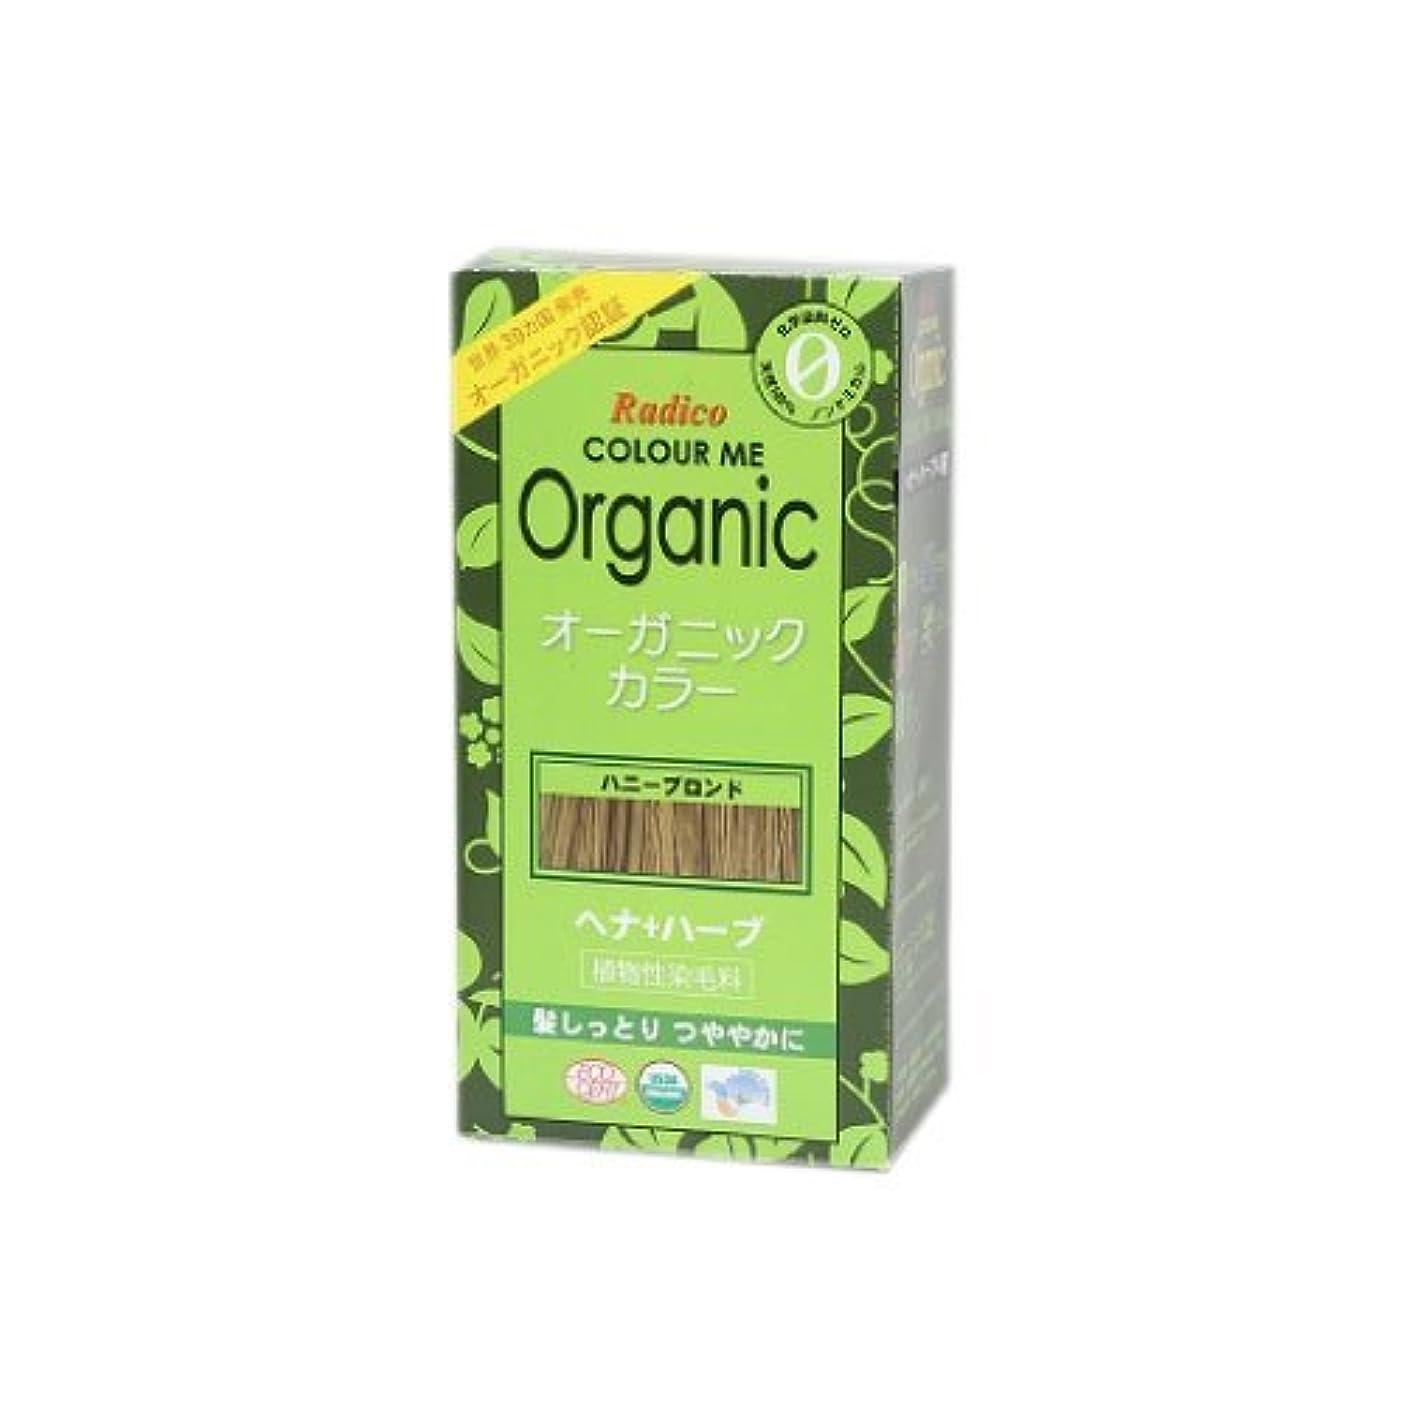 内陸戦士ギターCOLOURME Organic (カラーミーオーガニック ヘナ 白髪用) ハニーブロンド 100g